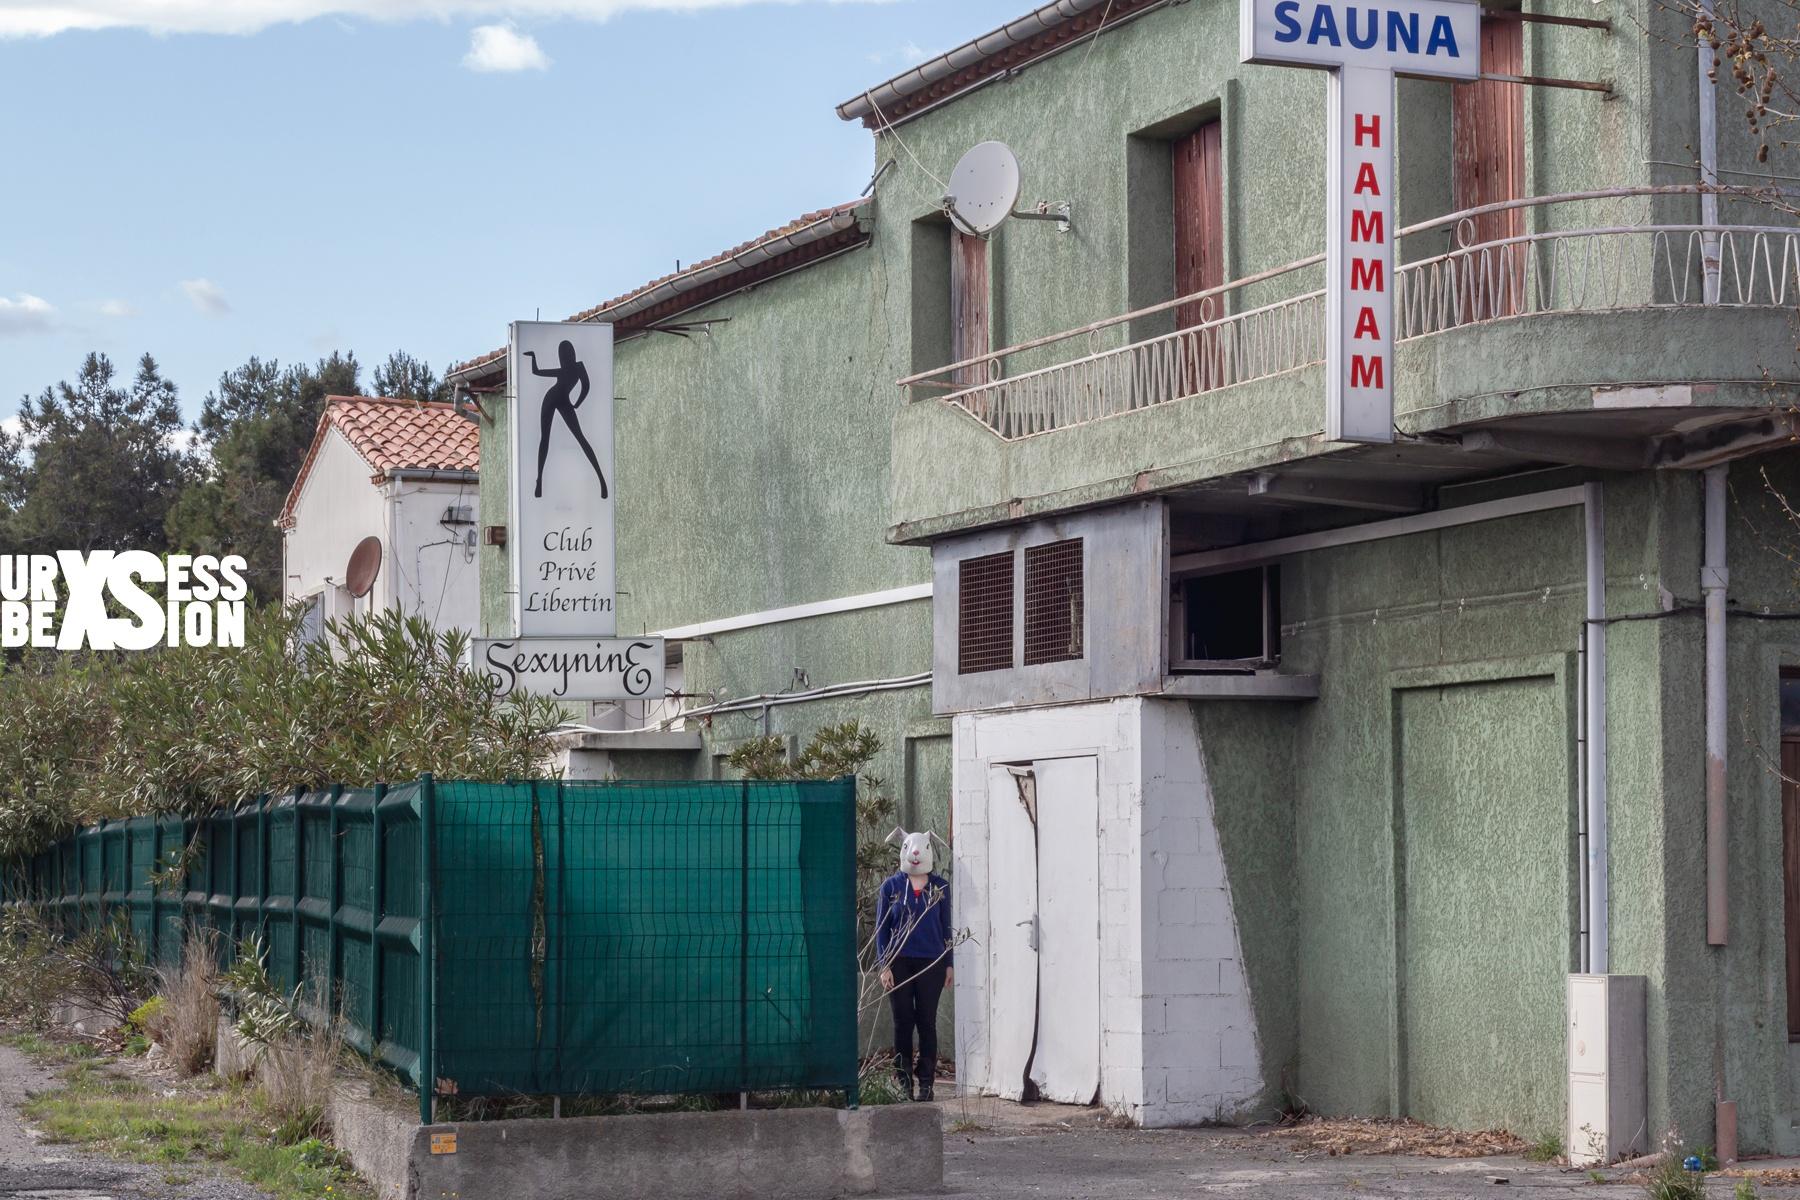 Club échangiste abandonné en France | urbexsession.com/club-echangiste-louis-poirson | Urbex France